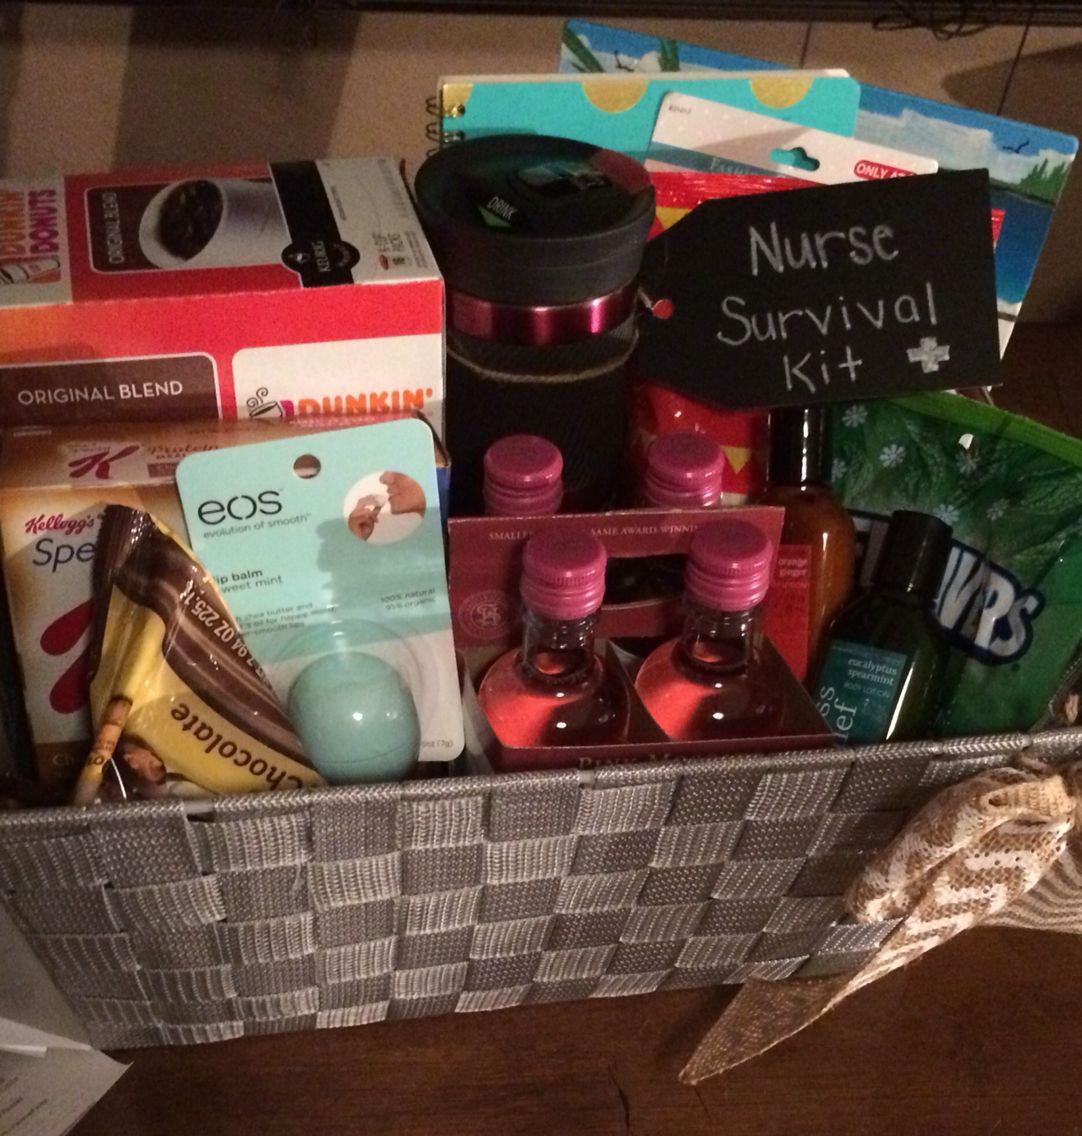 Best ideas about Nurse Grad Gift Ideas . Save or Pin Nurse survival kit Graduation t Now.